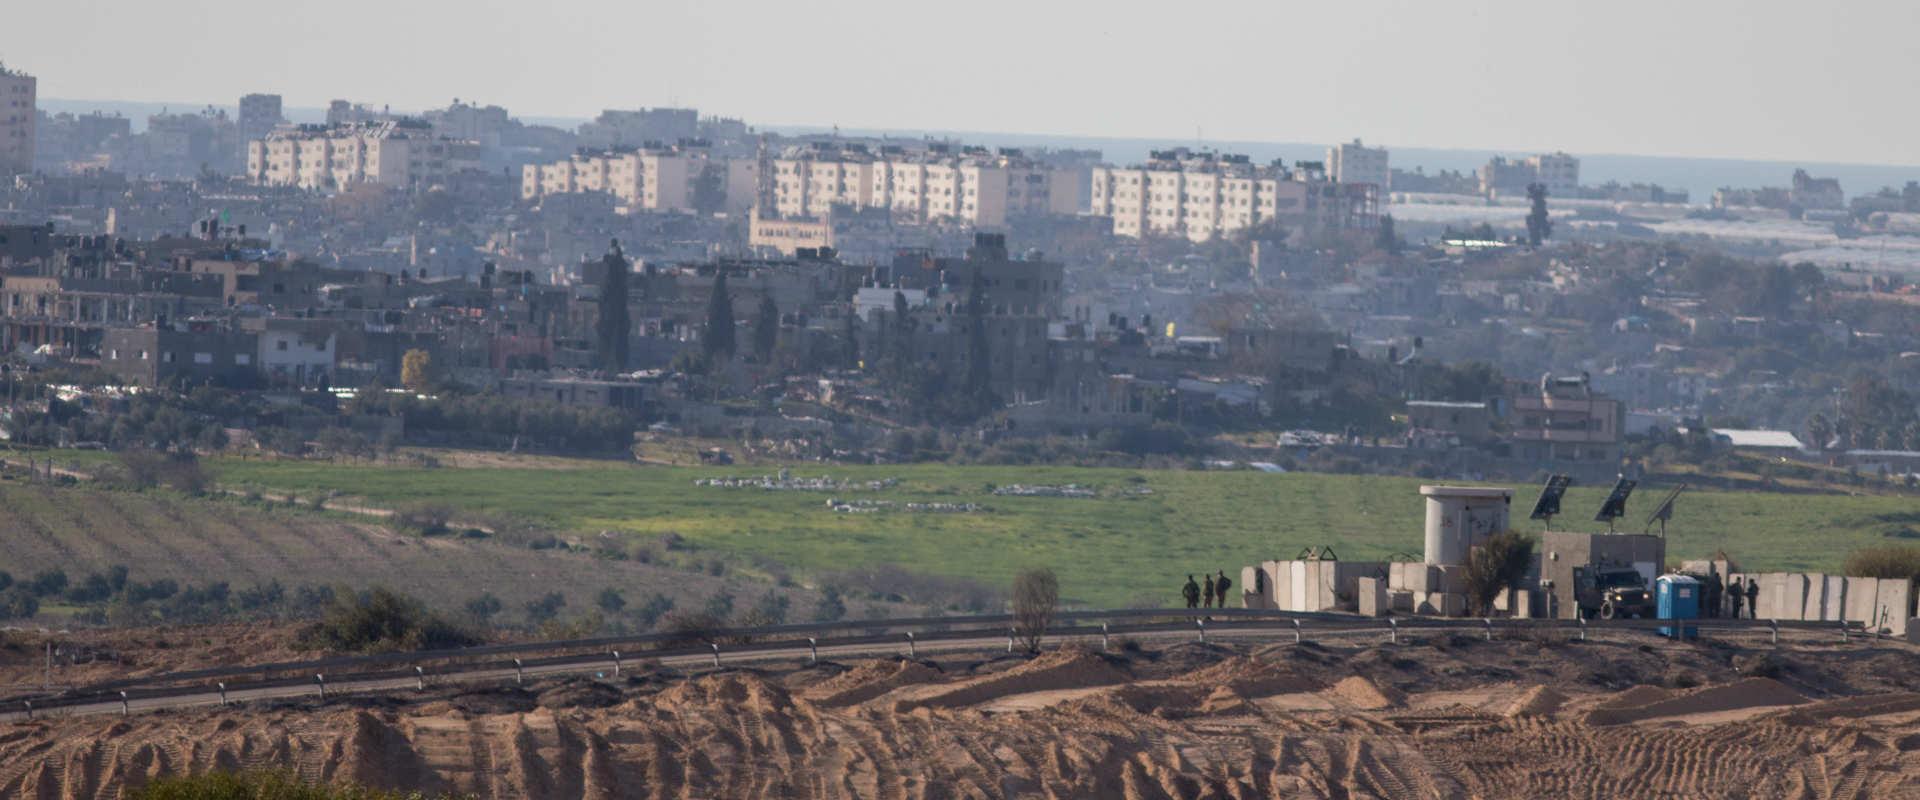 גבול ישראל-עזה, בתחילת השנה